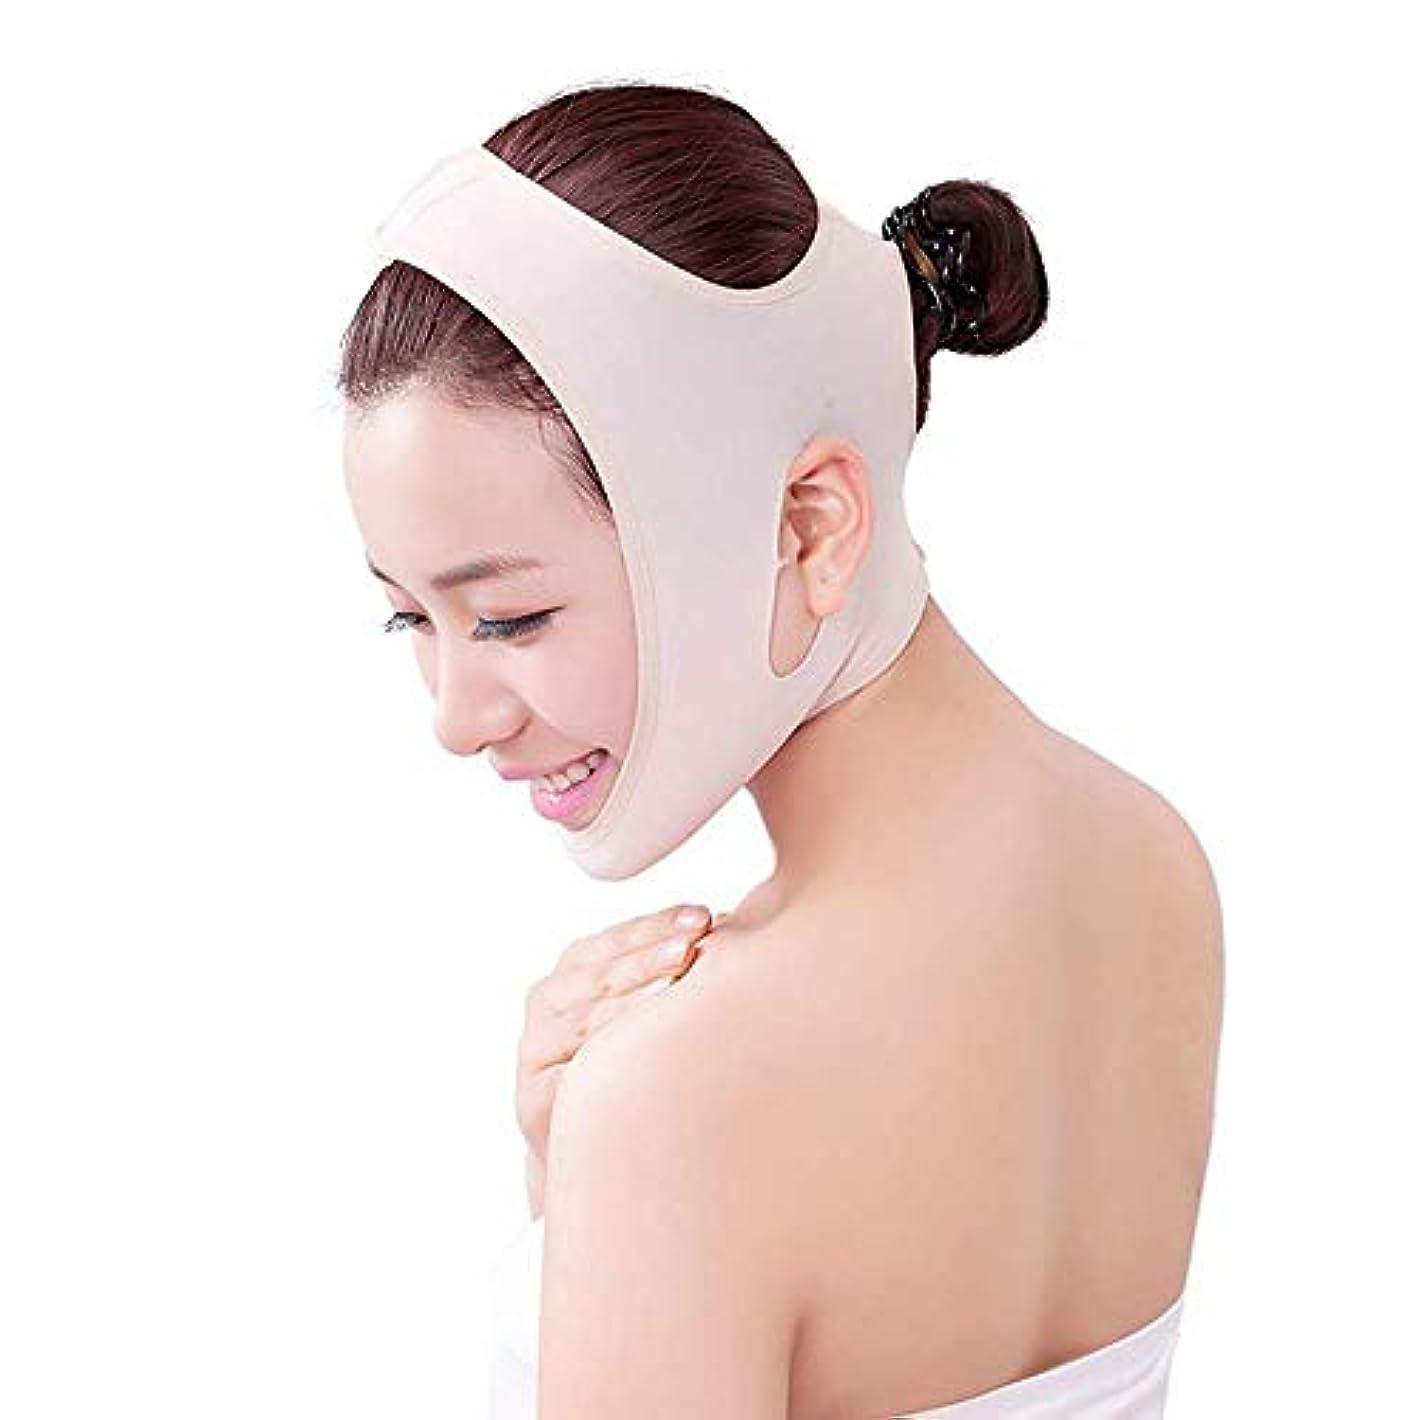 機構取り扱い出来事薄型フェイスベルト - 男性用および女性用の包帯をフランスの顔用リフティングマスク器具に引き締める薄型フェイスVフェイス薄型ダブルチンフェイスリフティングベルト(サイズ:M),XS